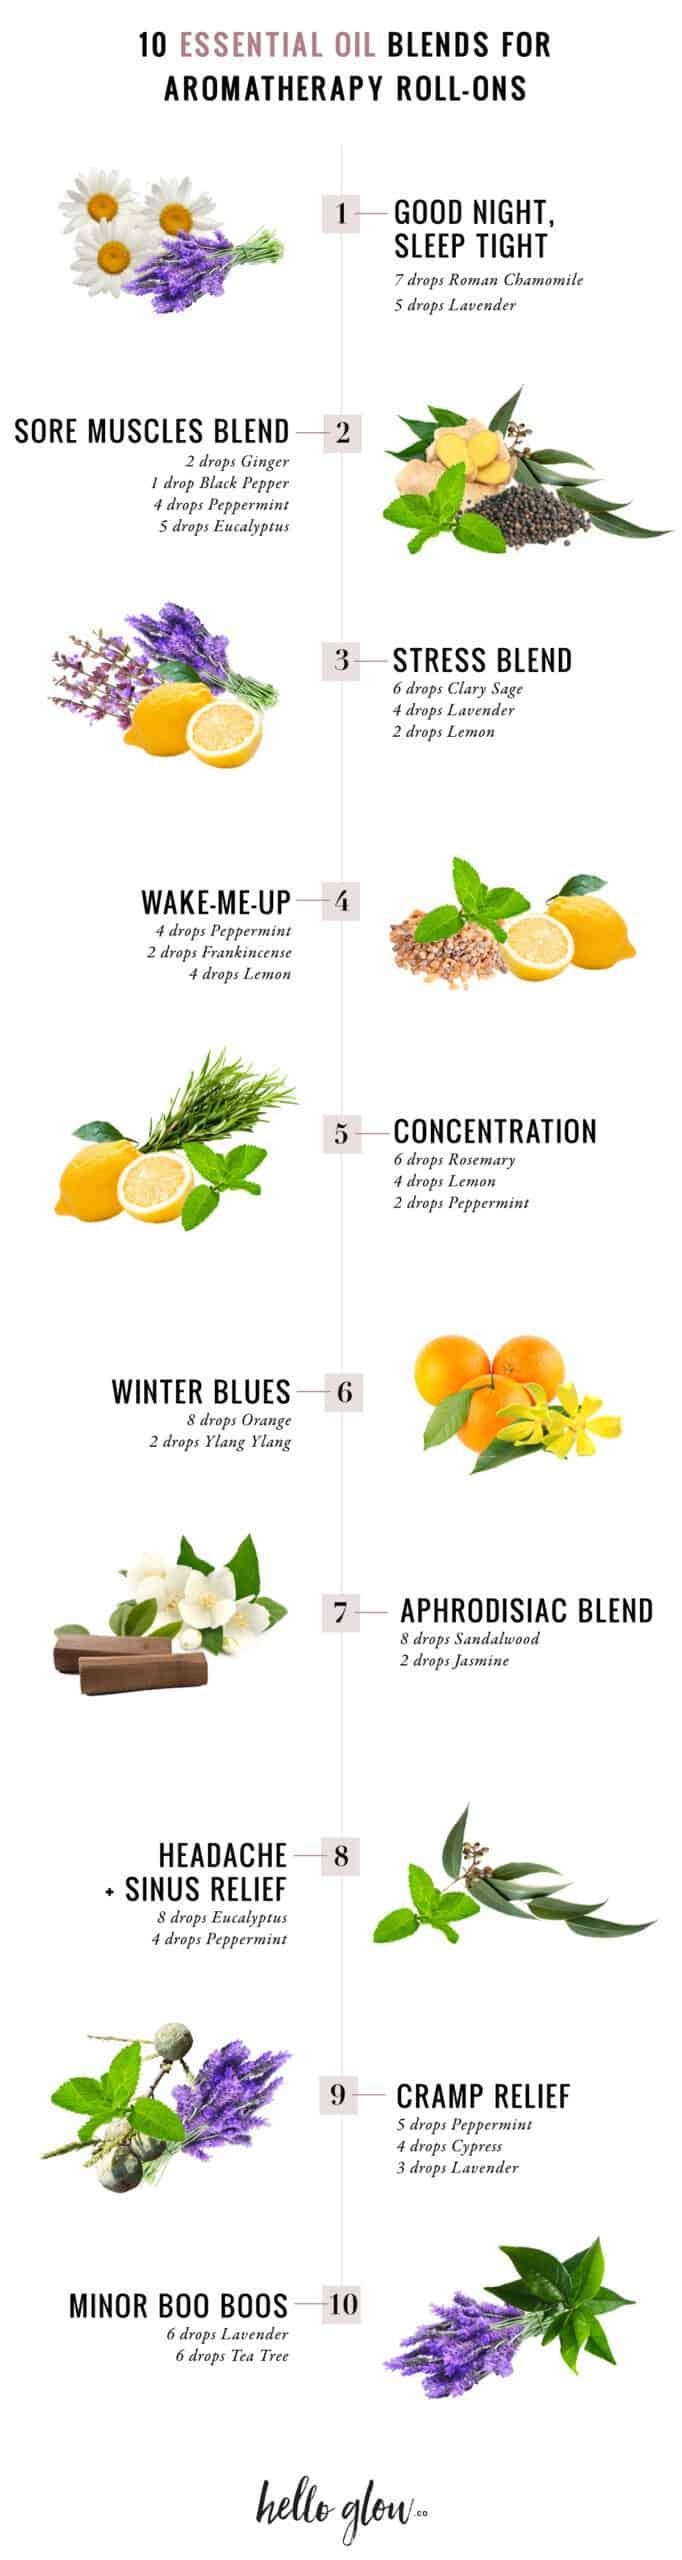 10 Campuran Minyak Atsiri untuk Aromaterapi Roll-Ons - HelloGlow.co